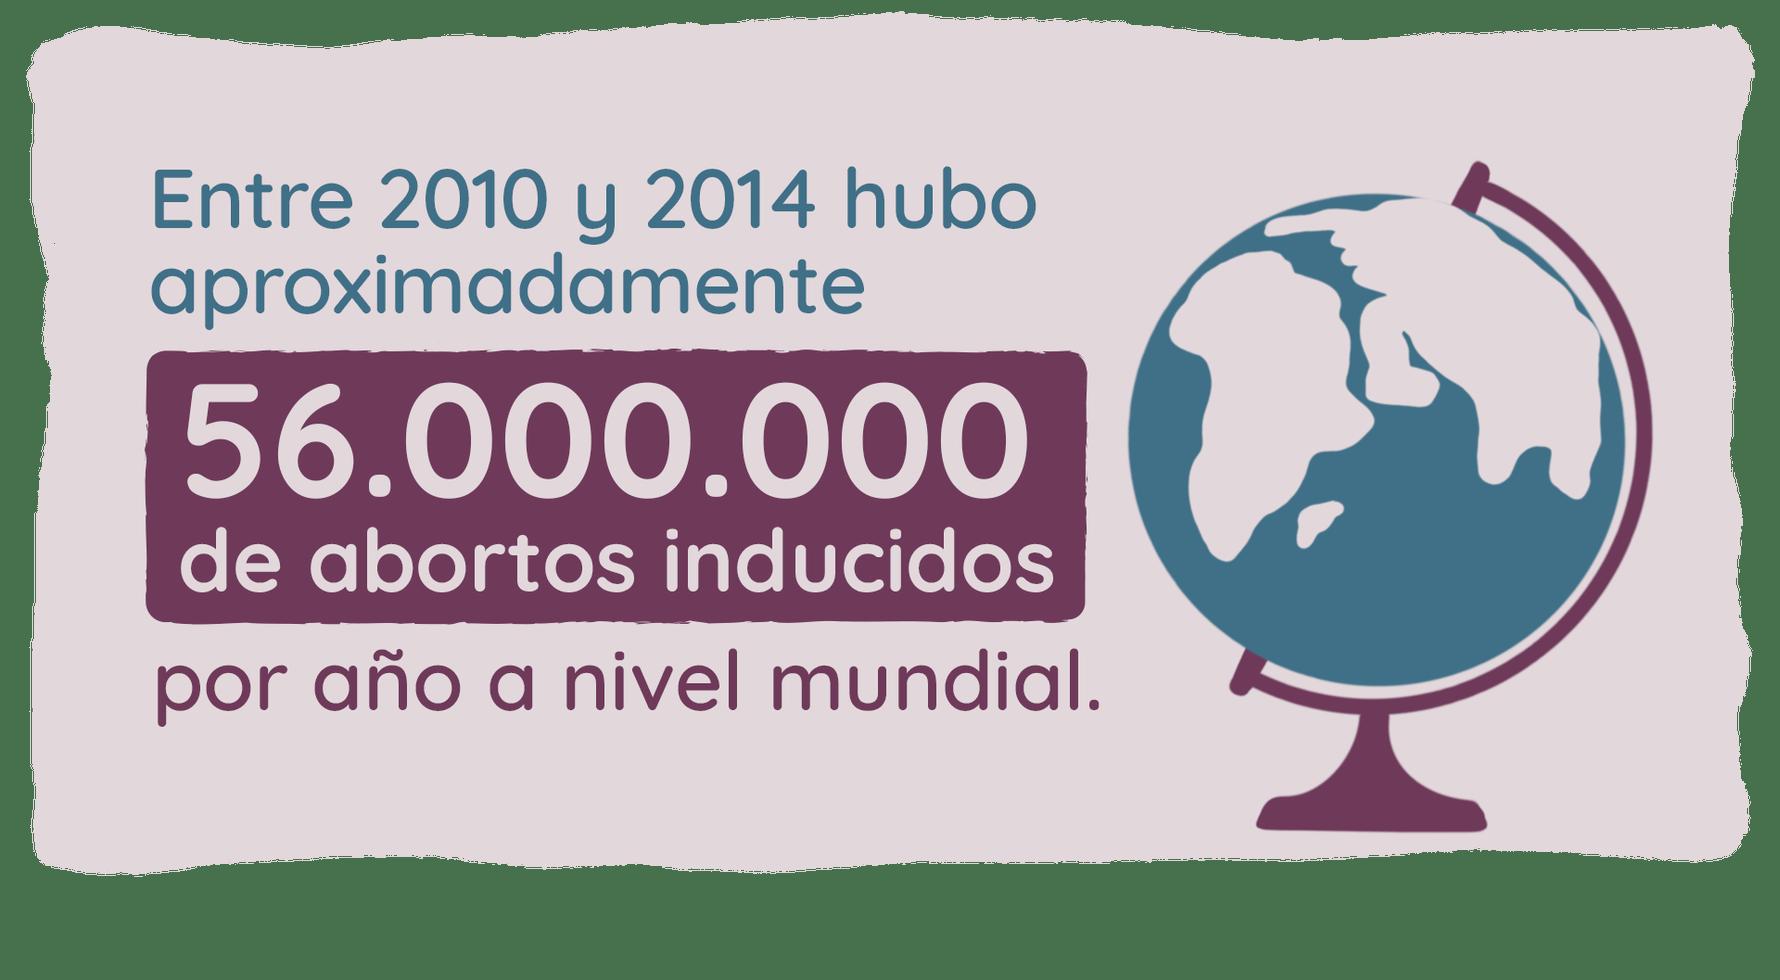 Estadísticas sobre la cantidad de abortos en el mundo